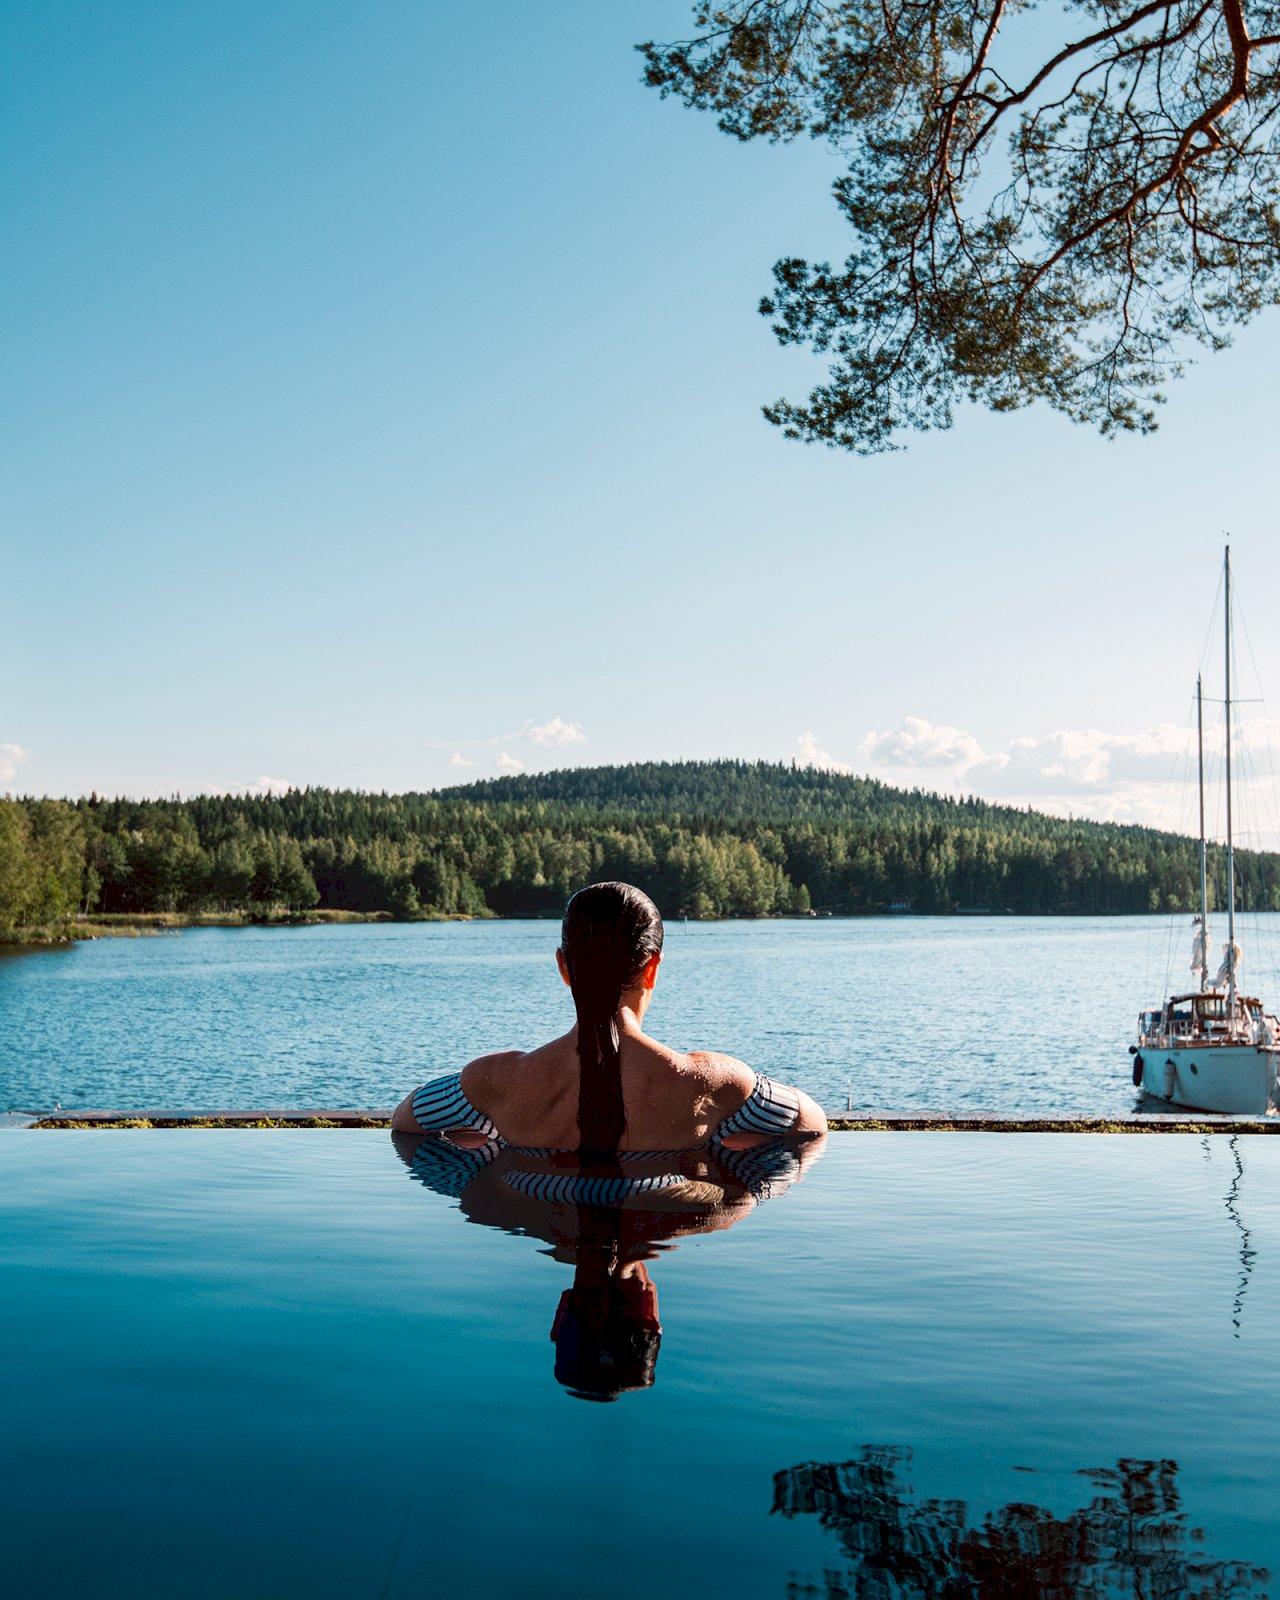 Järvinäkymä Päijänteelle Ilola Inn -hotellin ulkouima-altaalta.